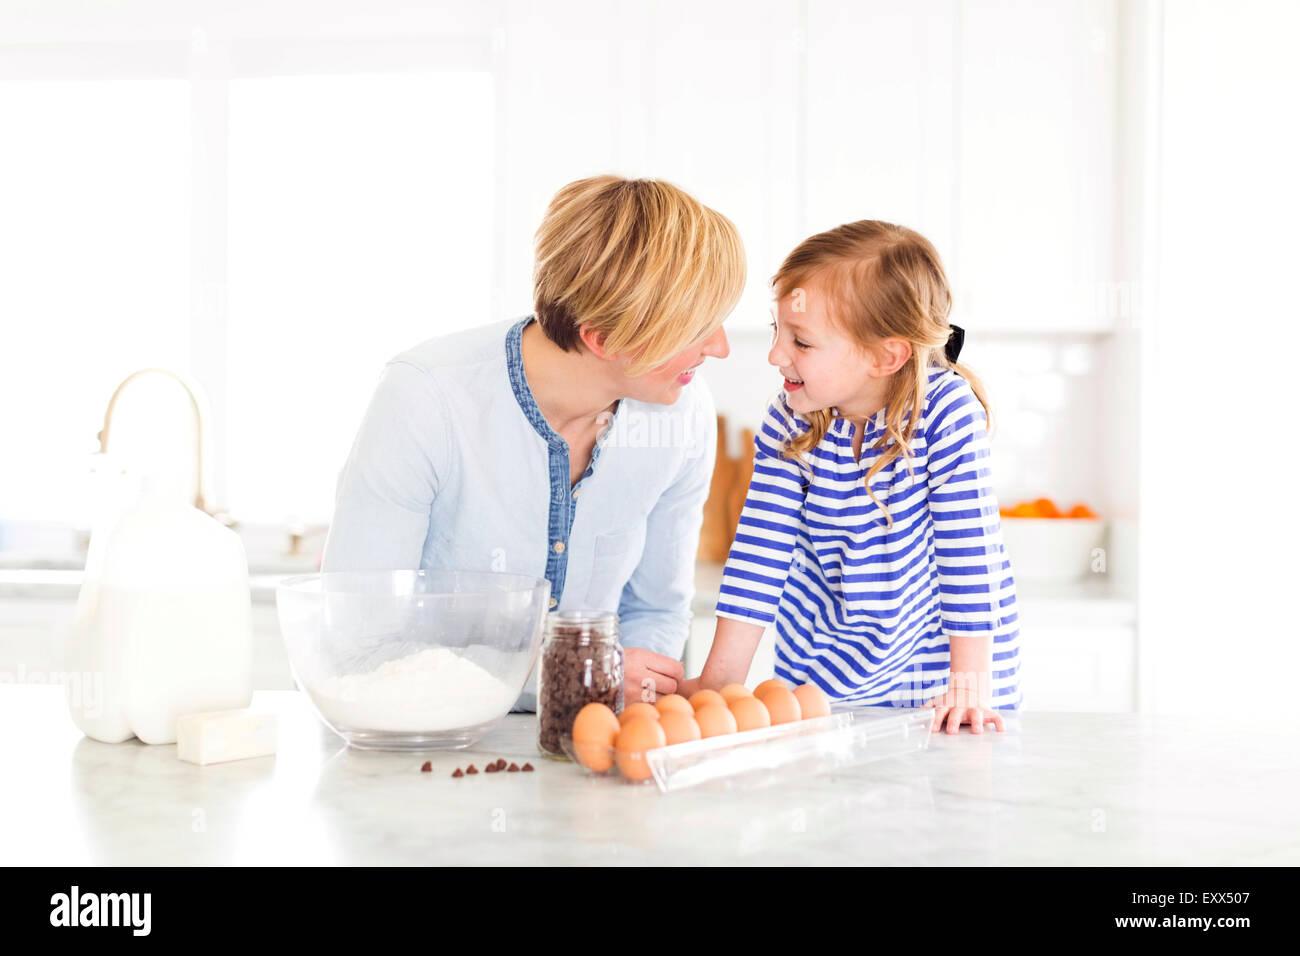 Chica (4-5) hablando con mamá en la cocina Imagen De Stock